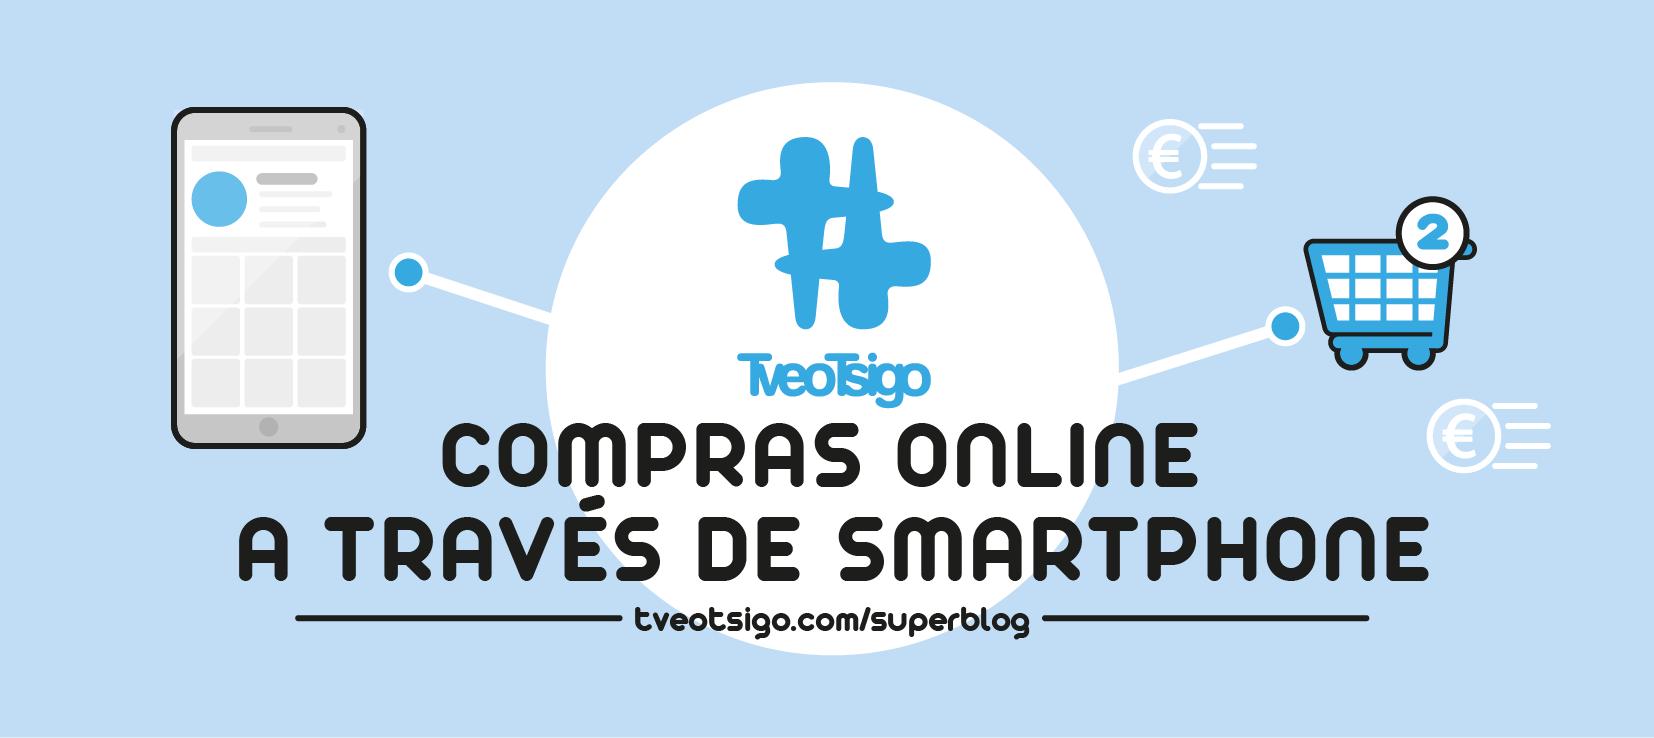 """Imagen para artículo de superblog: """"Compras online a través de Smartphone"""""""